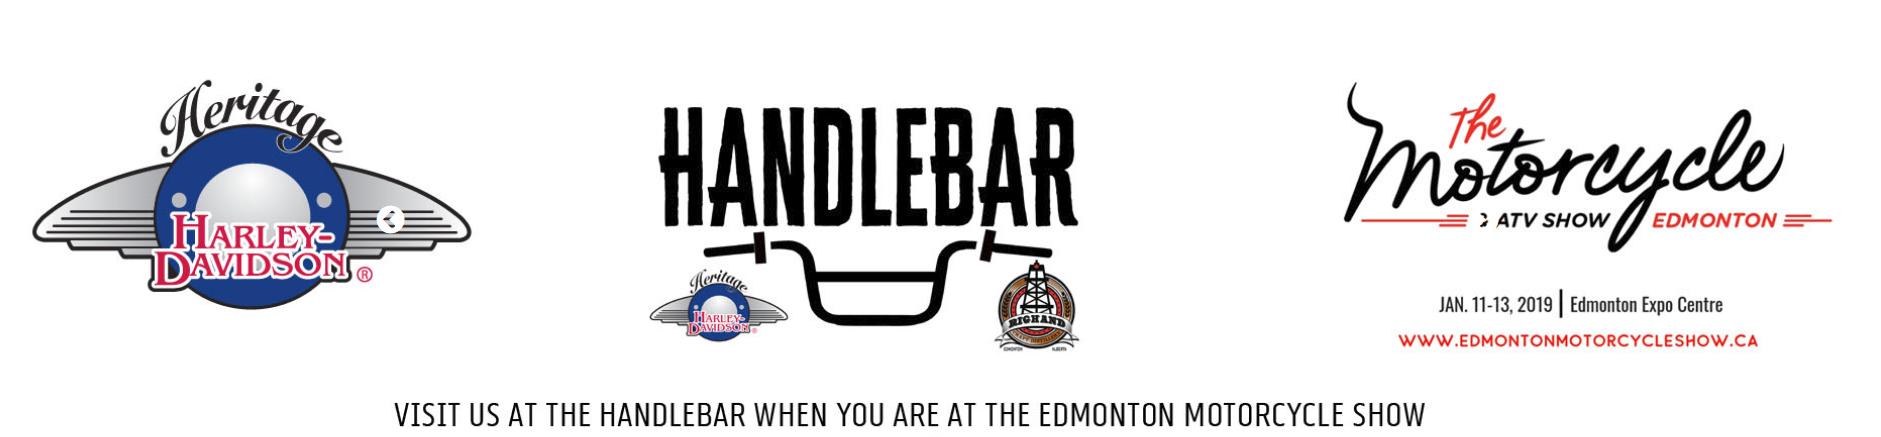 2019 Edmonton Motorcycle & ATV Show - Rig Hand Distillery